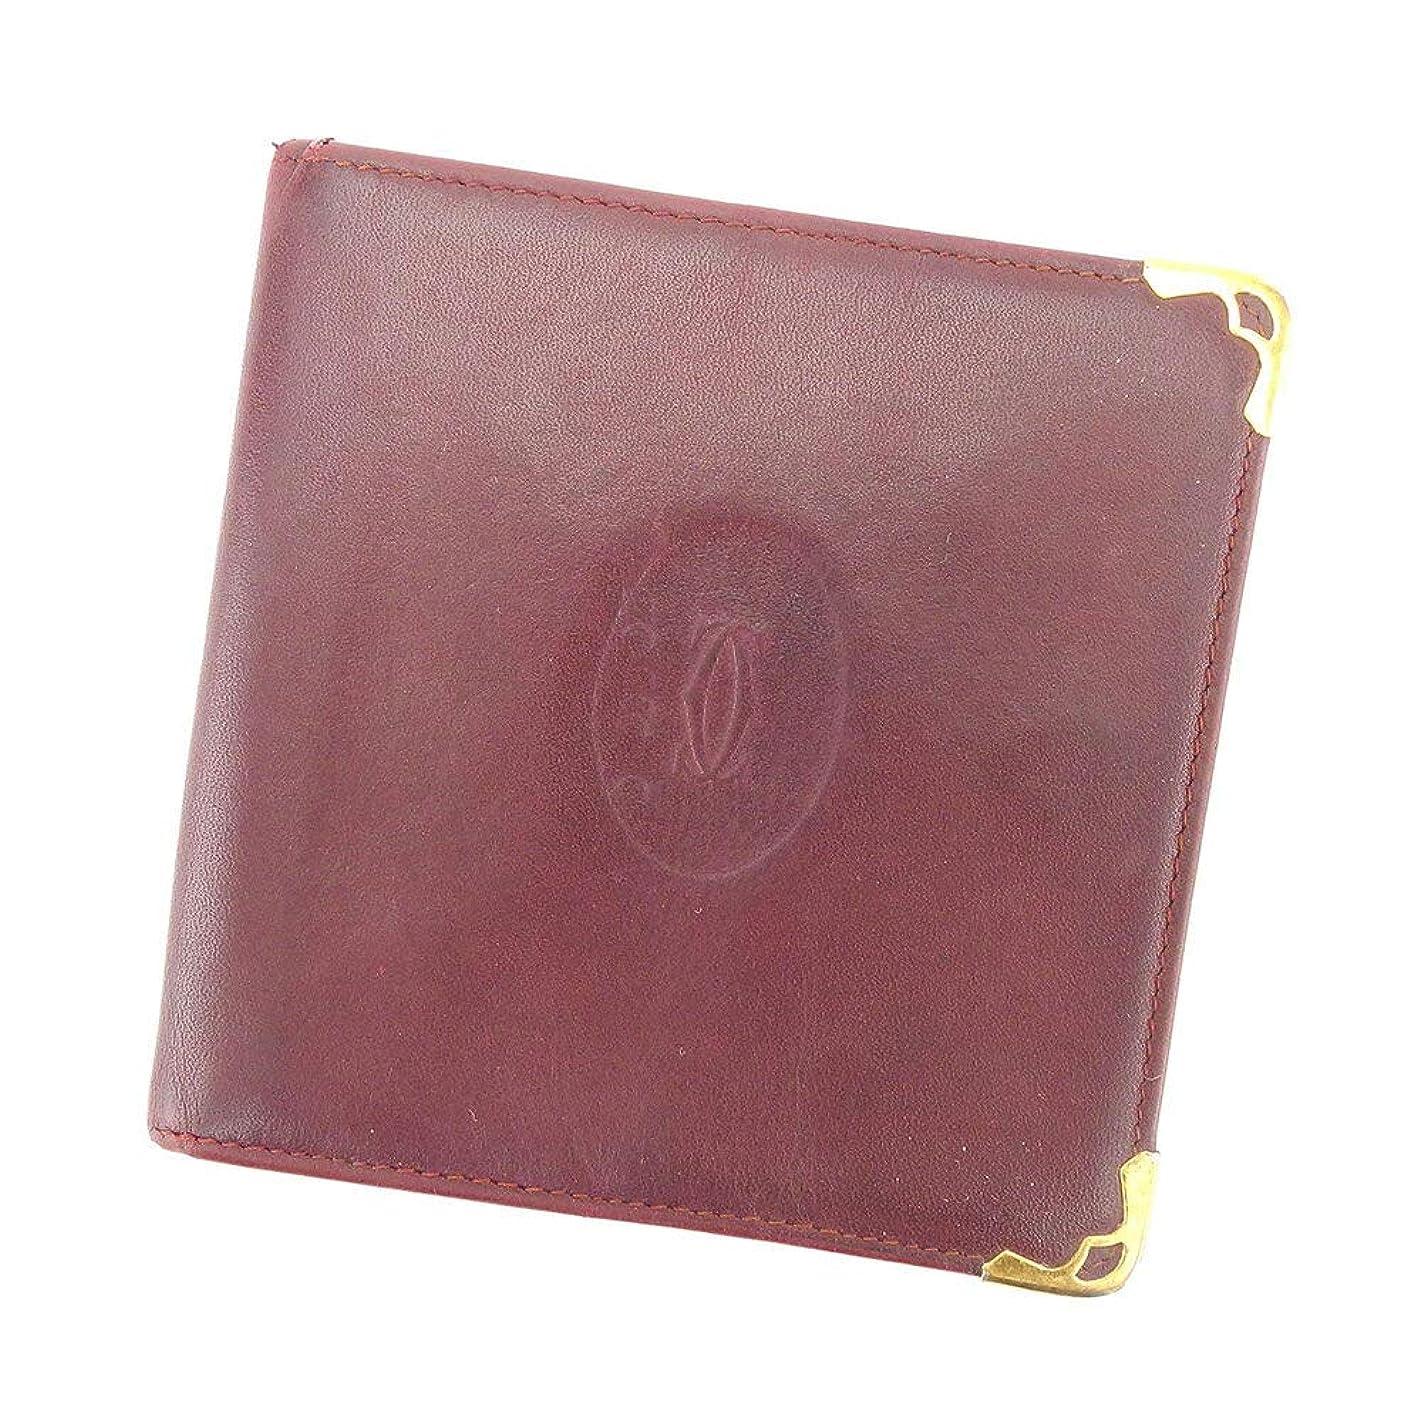 半導体テンション何でも(カルティエ) Cartier 二つ折り 財布 ボルドー マストライン レディース メンズ 中古 T8388